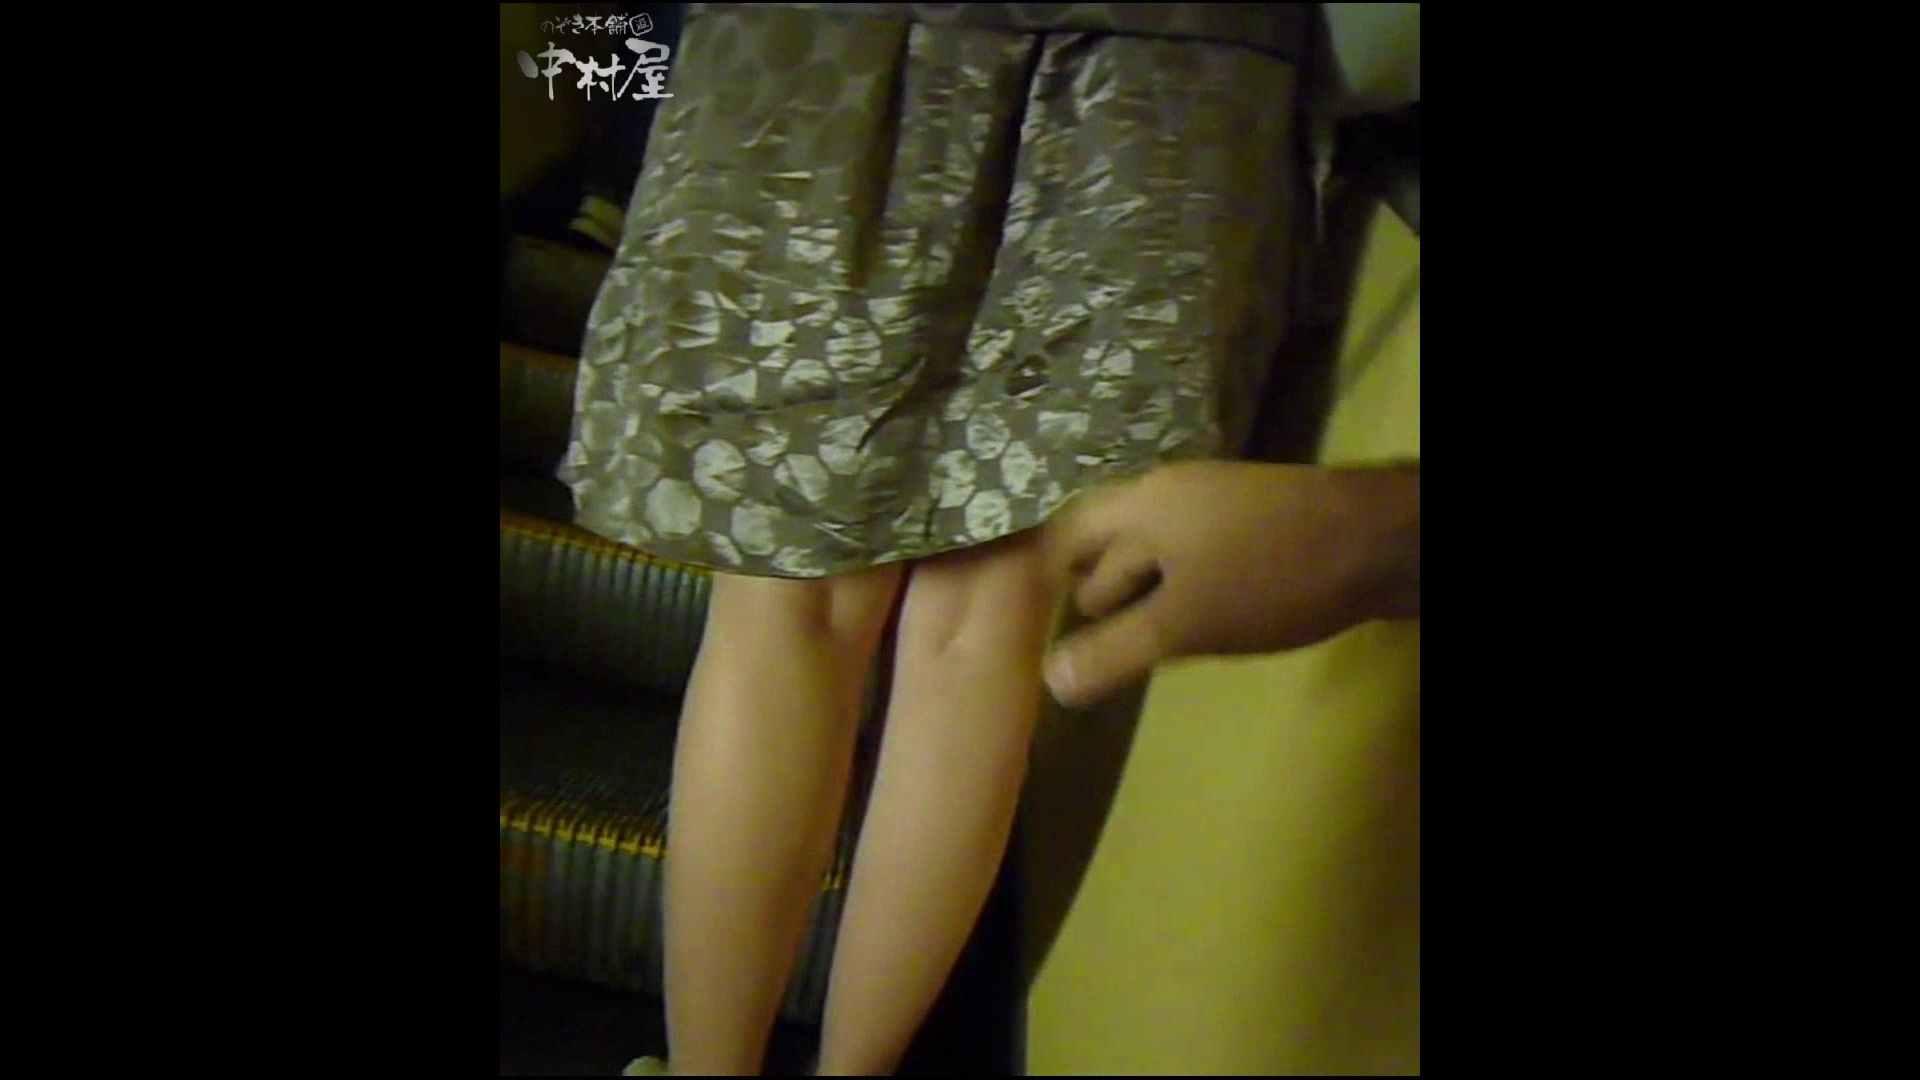 綺麗なモデルさんのスカート捲っちゃおう‼ vol26 OLのエロ生活 | モデルのエロ生活  29連発 25